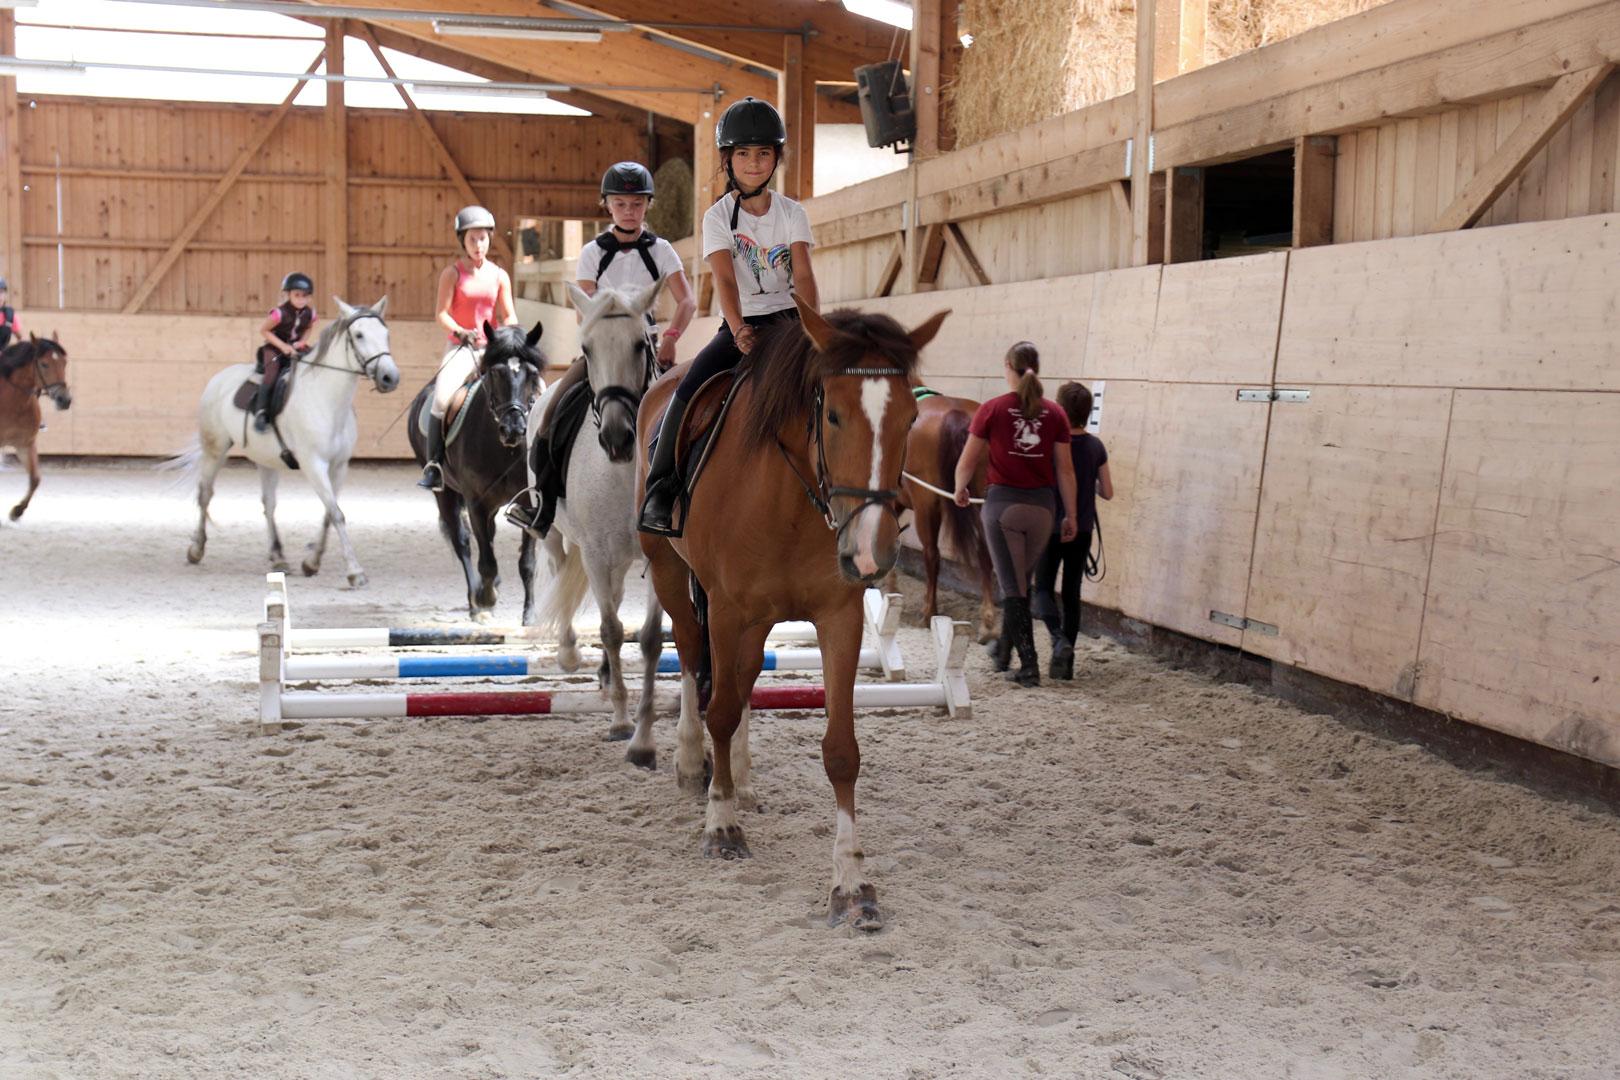 École d'équitation, ferme équestre les kà, dressage, brevet, manège, vuadens, bulle, gruyère